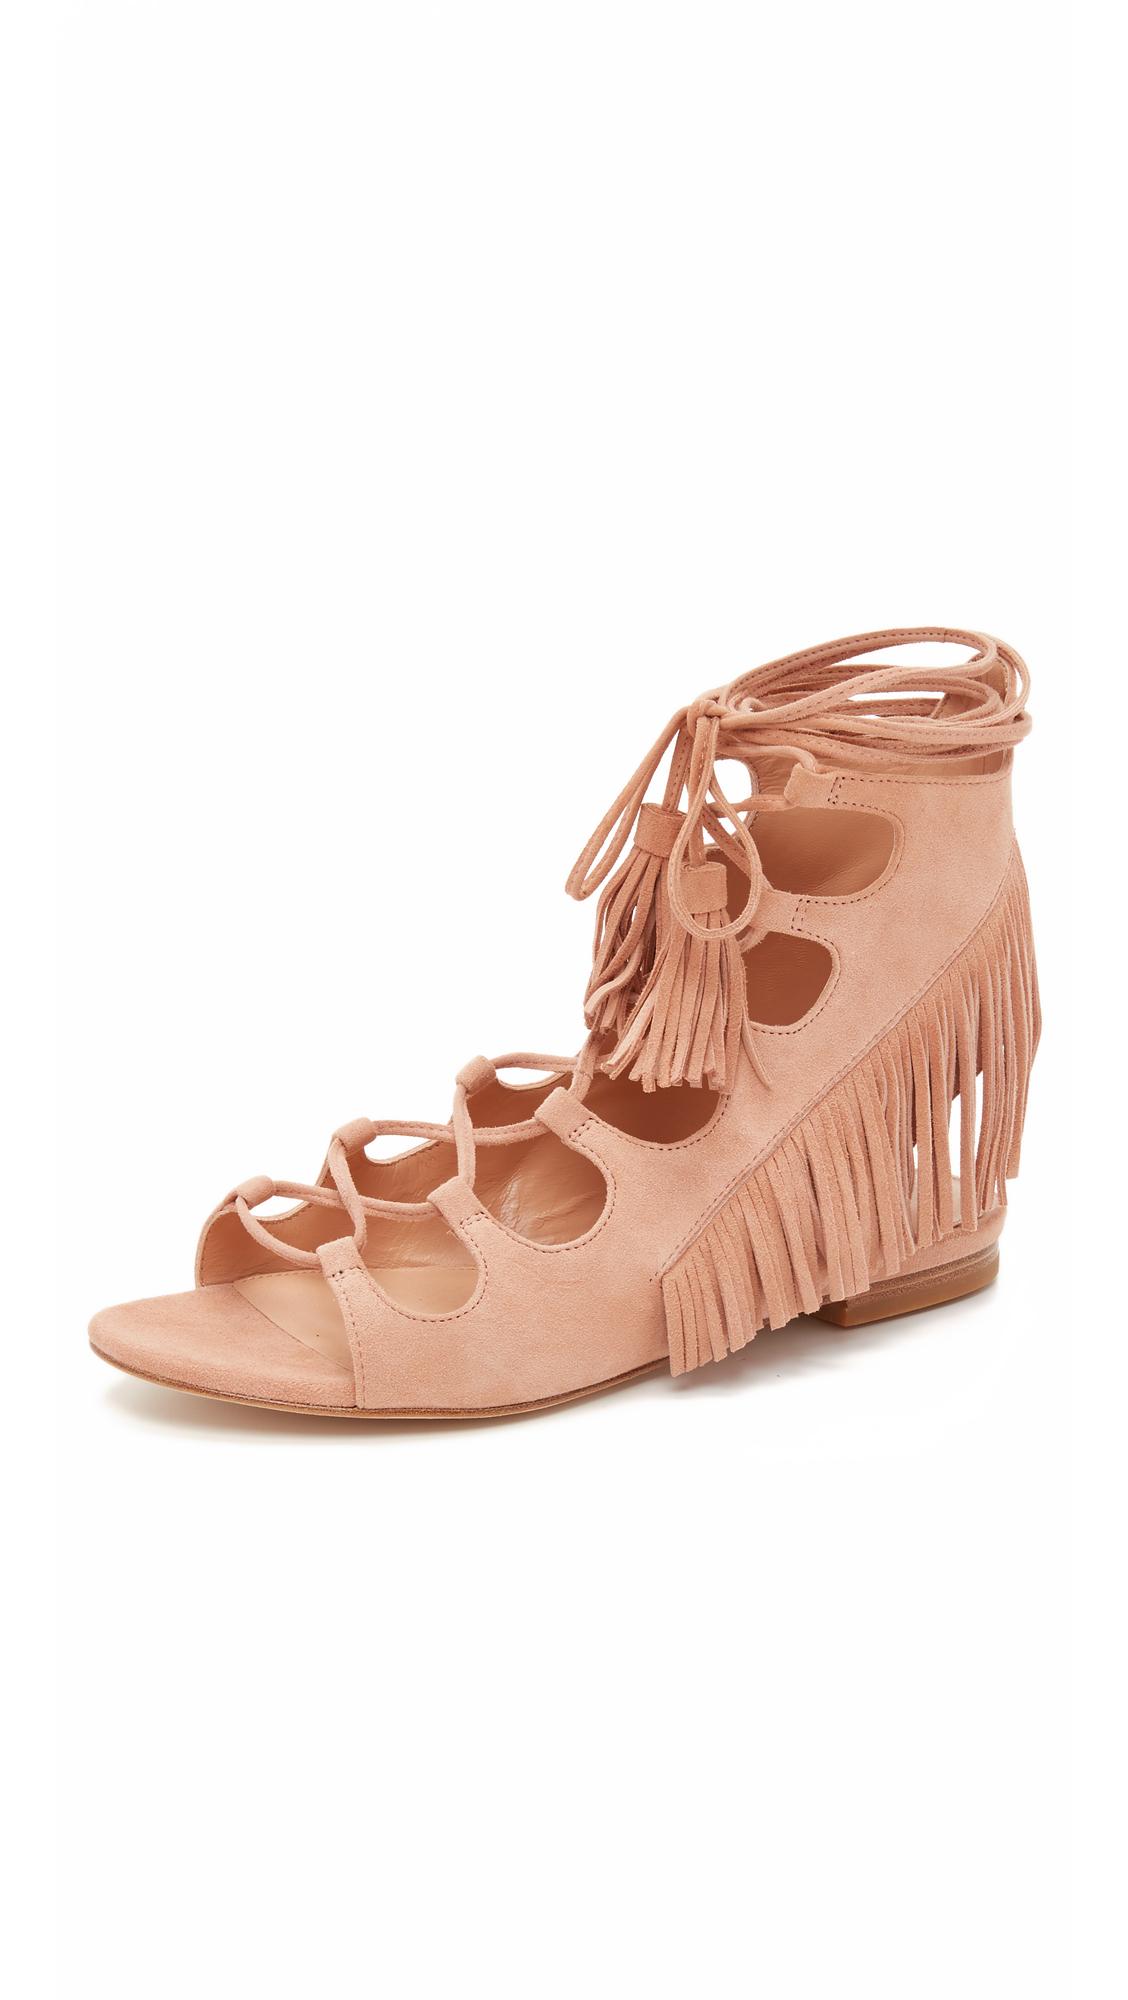 5ebbbd710961 Sigerson Morrison Azzia Fringe Gladiator Sandals in Natural - Lyst